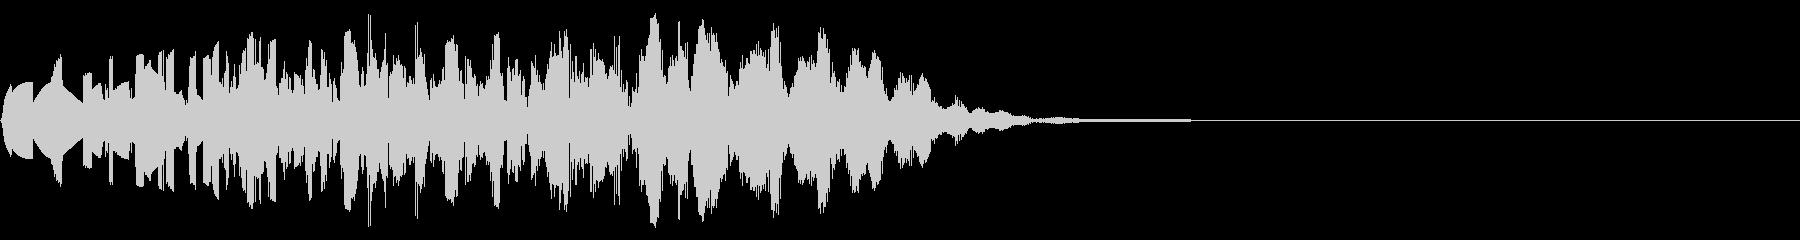 ファミコン風_打撃音1の未再生の波形